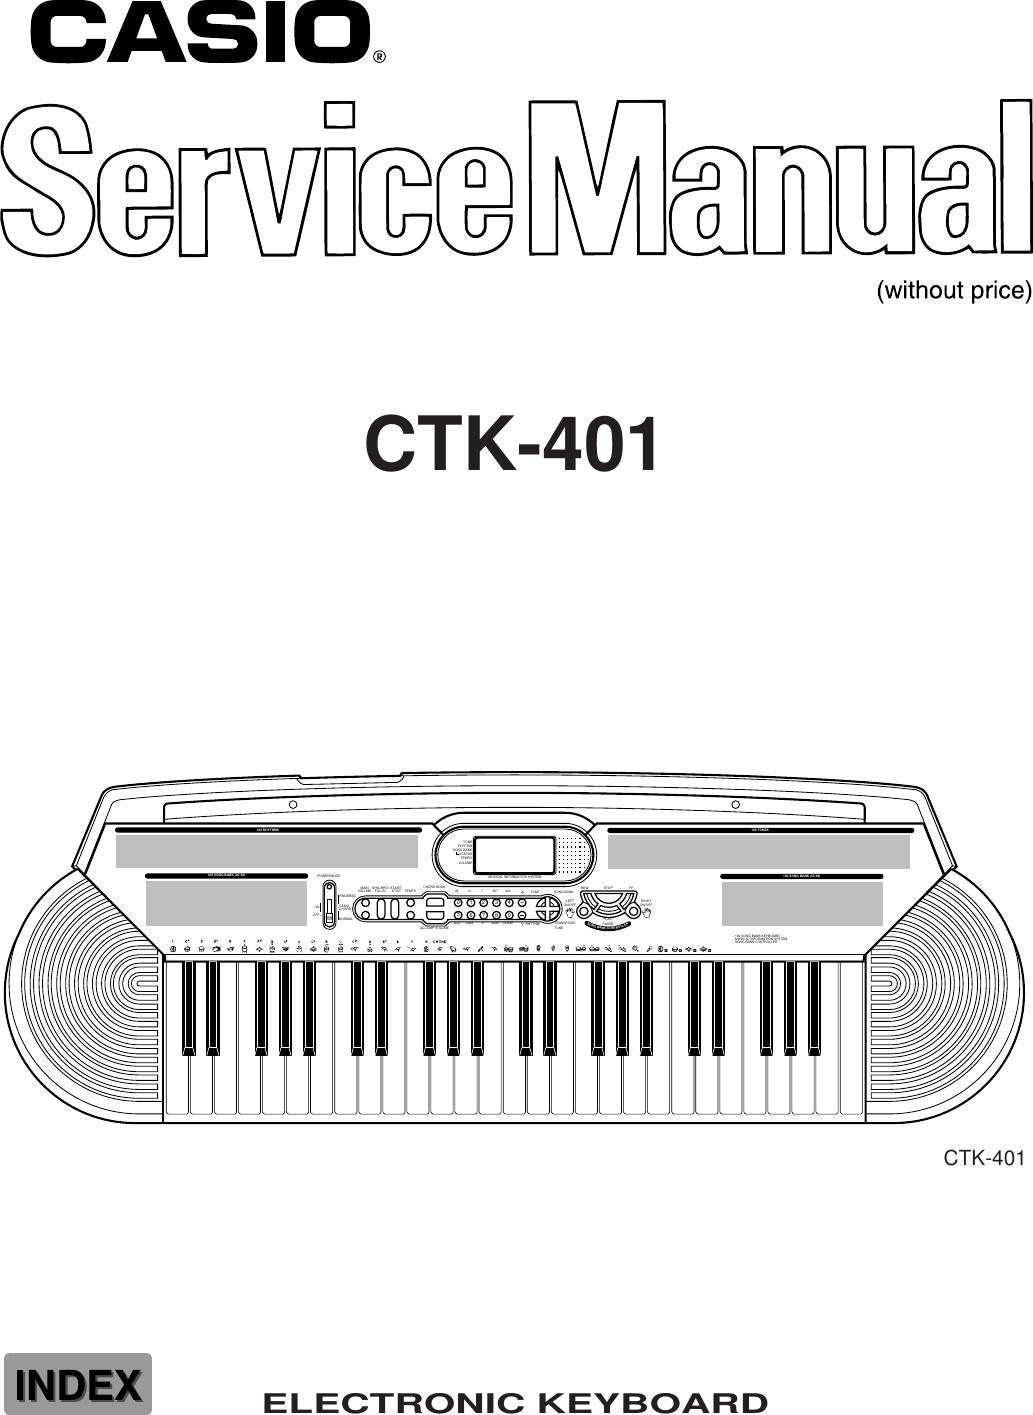 Casio Electronic Keyboard Ctk 401 Users Manual S/M